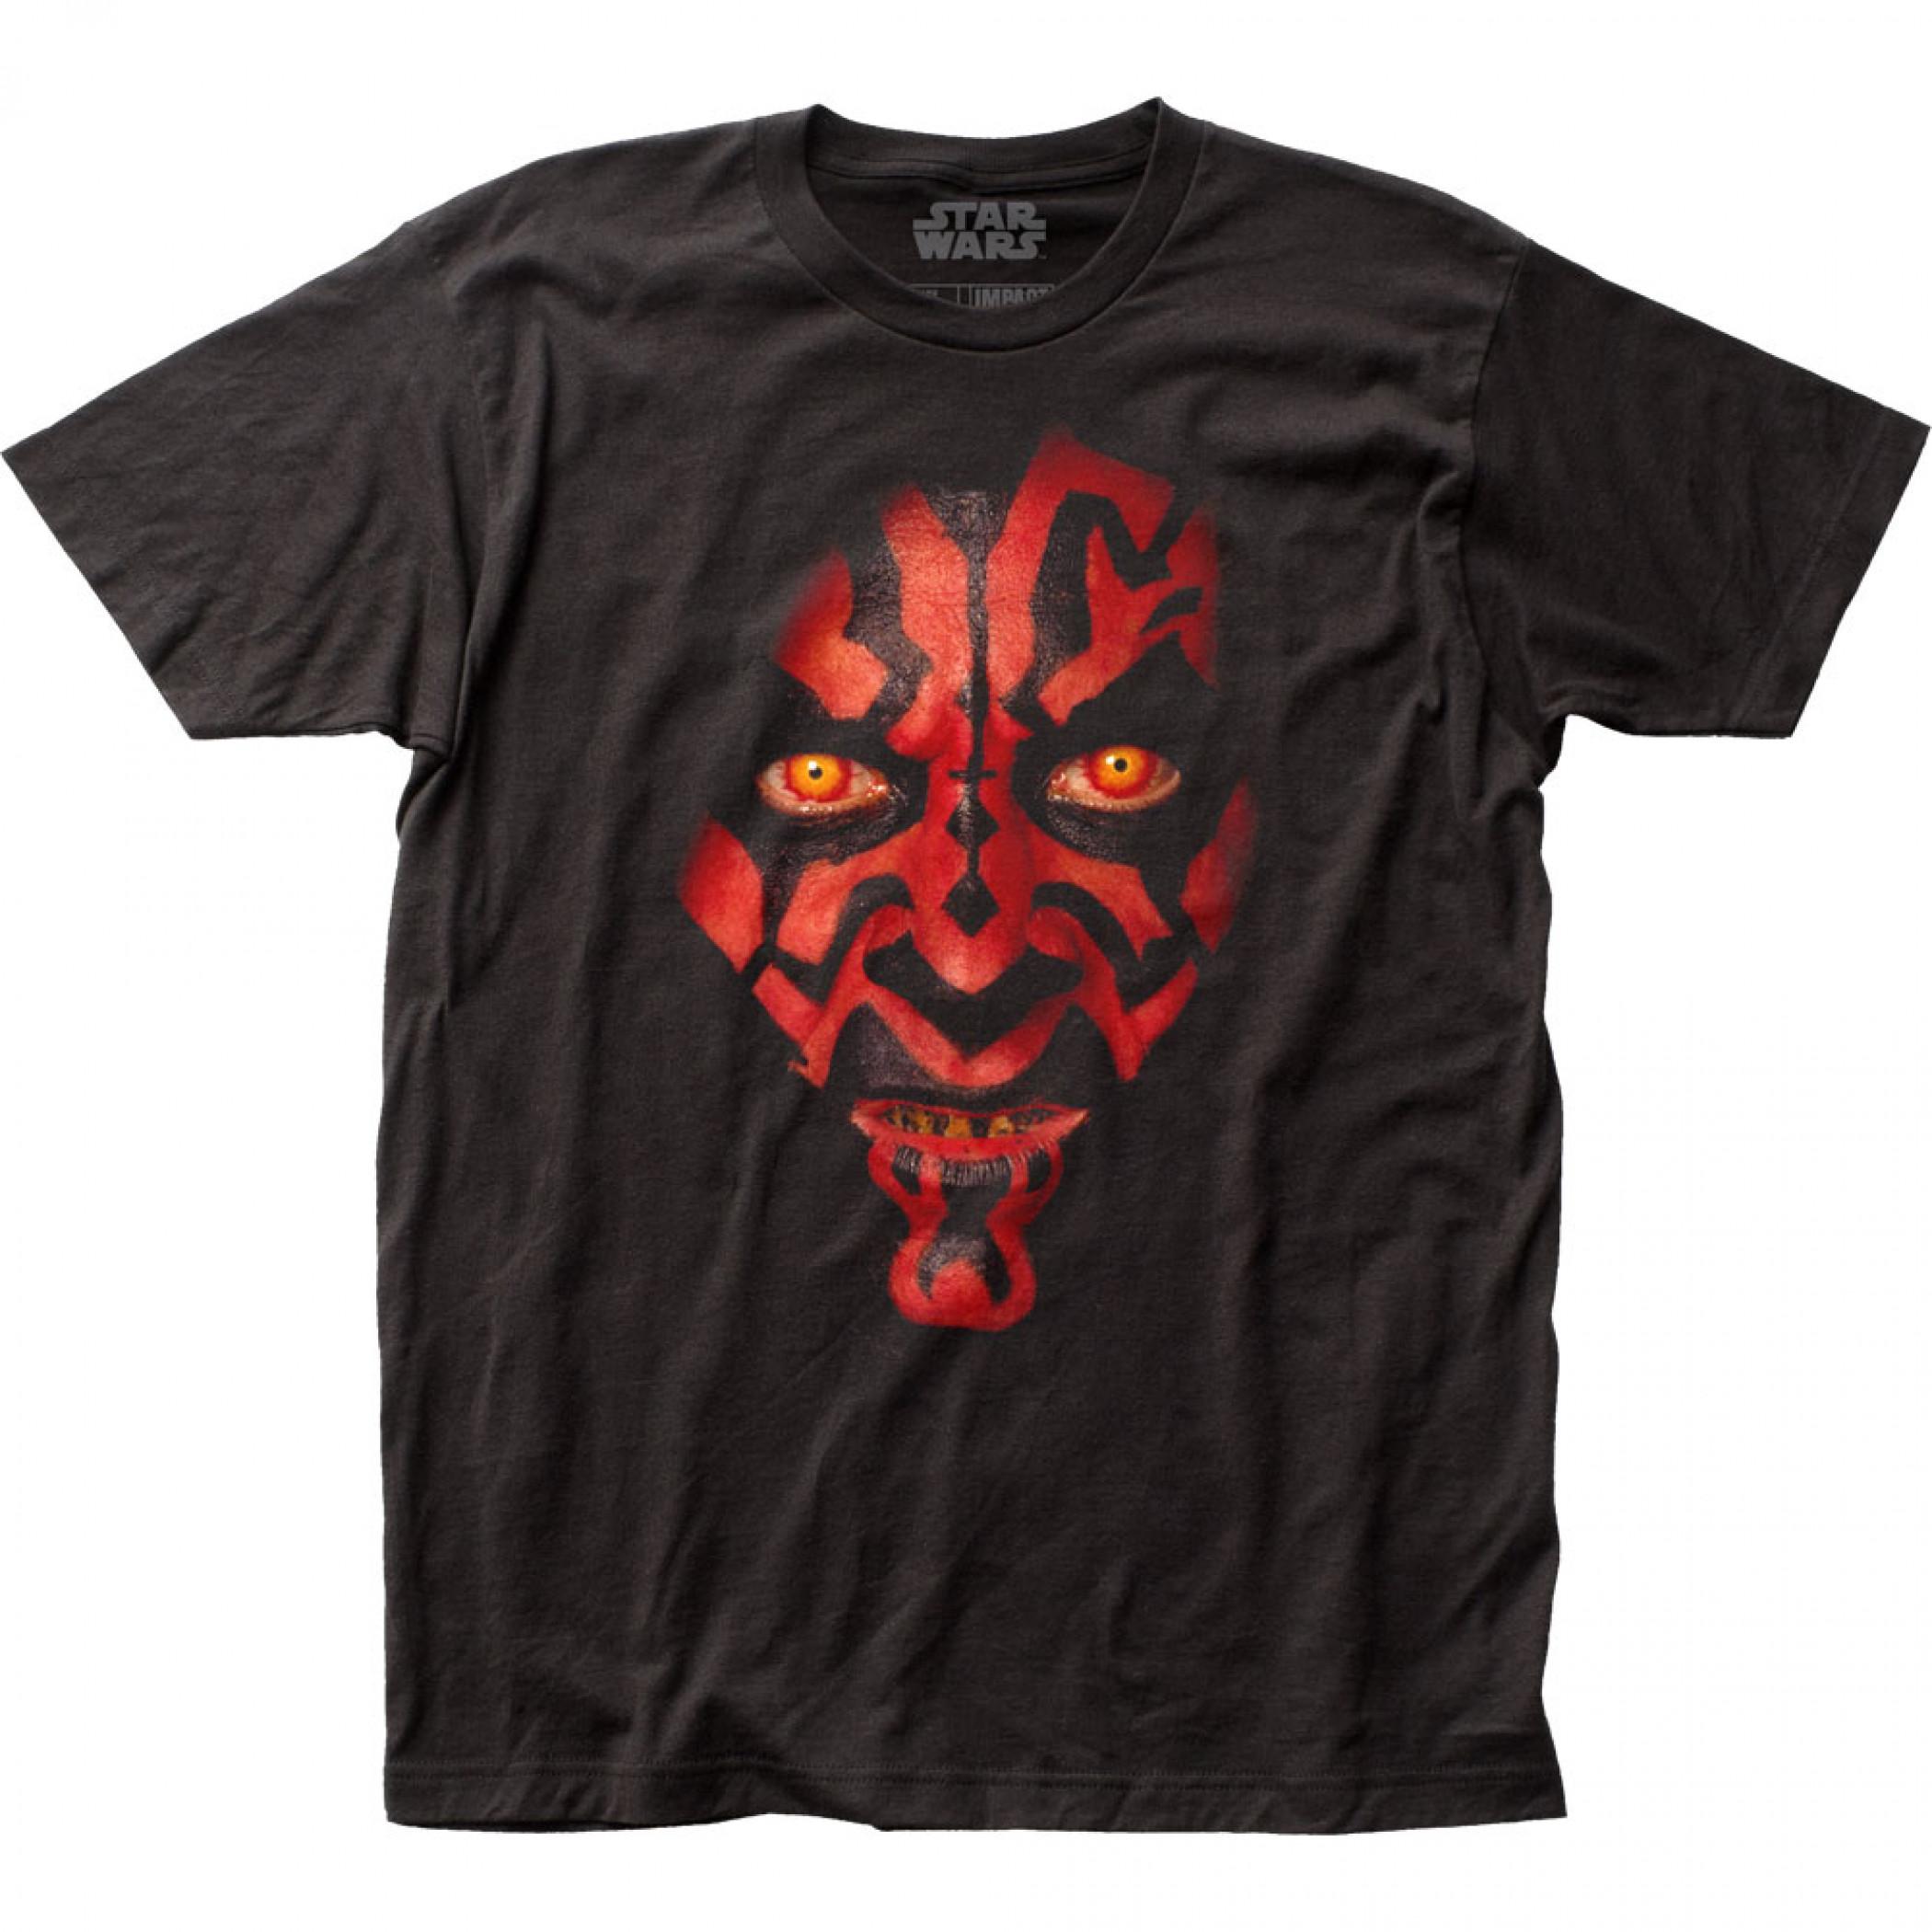 Star Wars Darth Maul Face T-Shirt